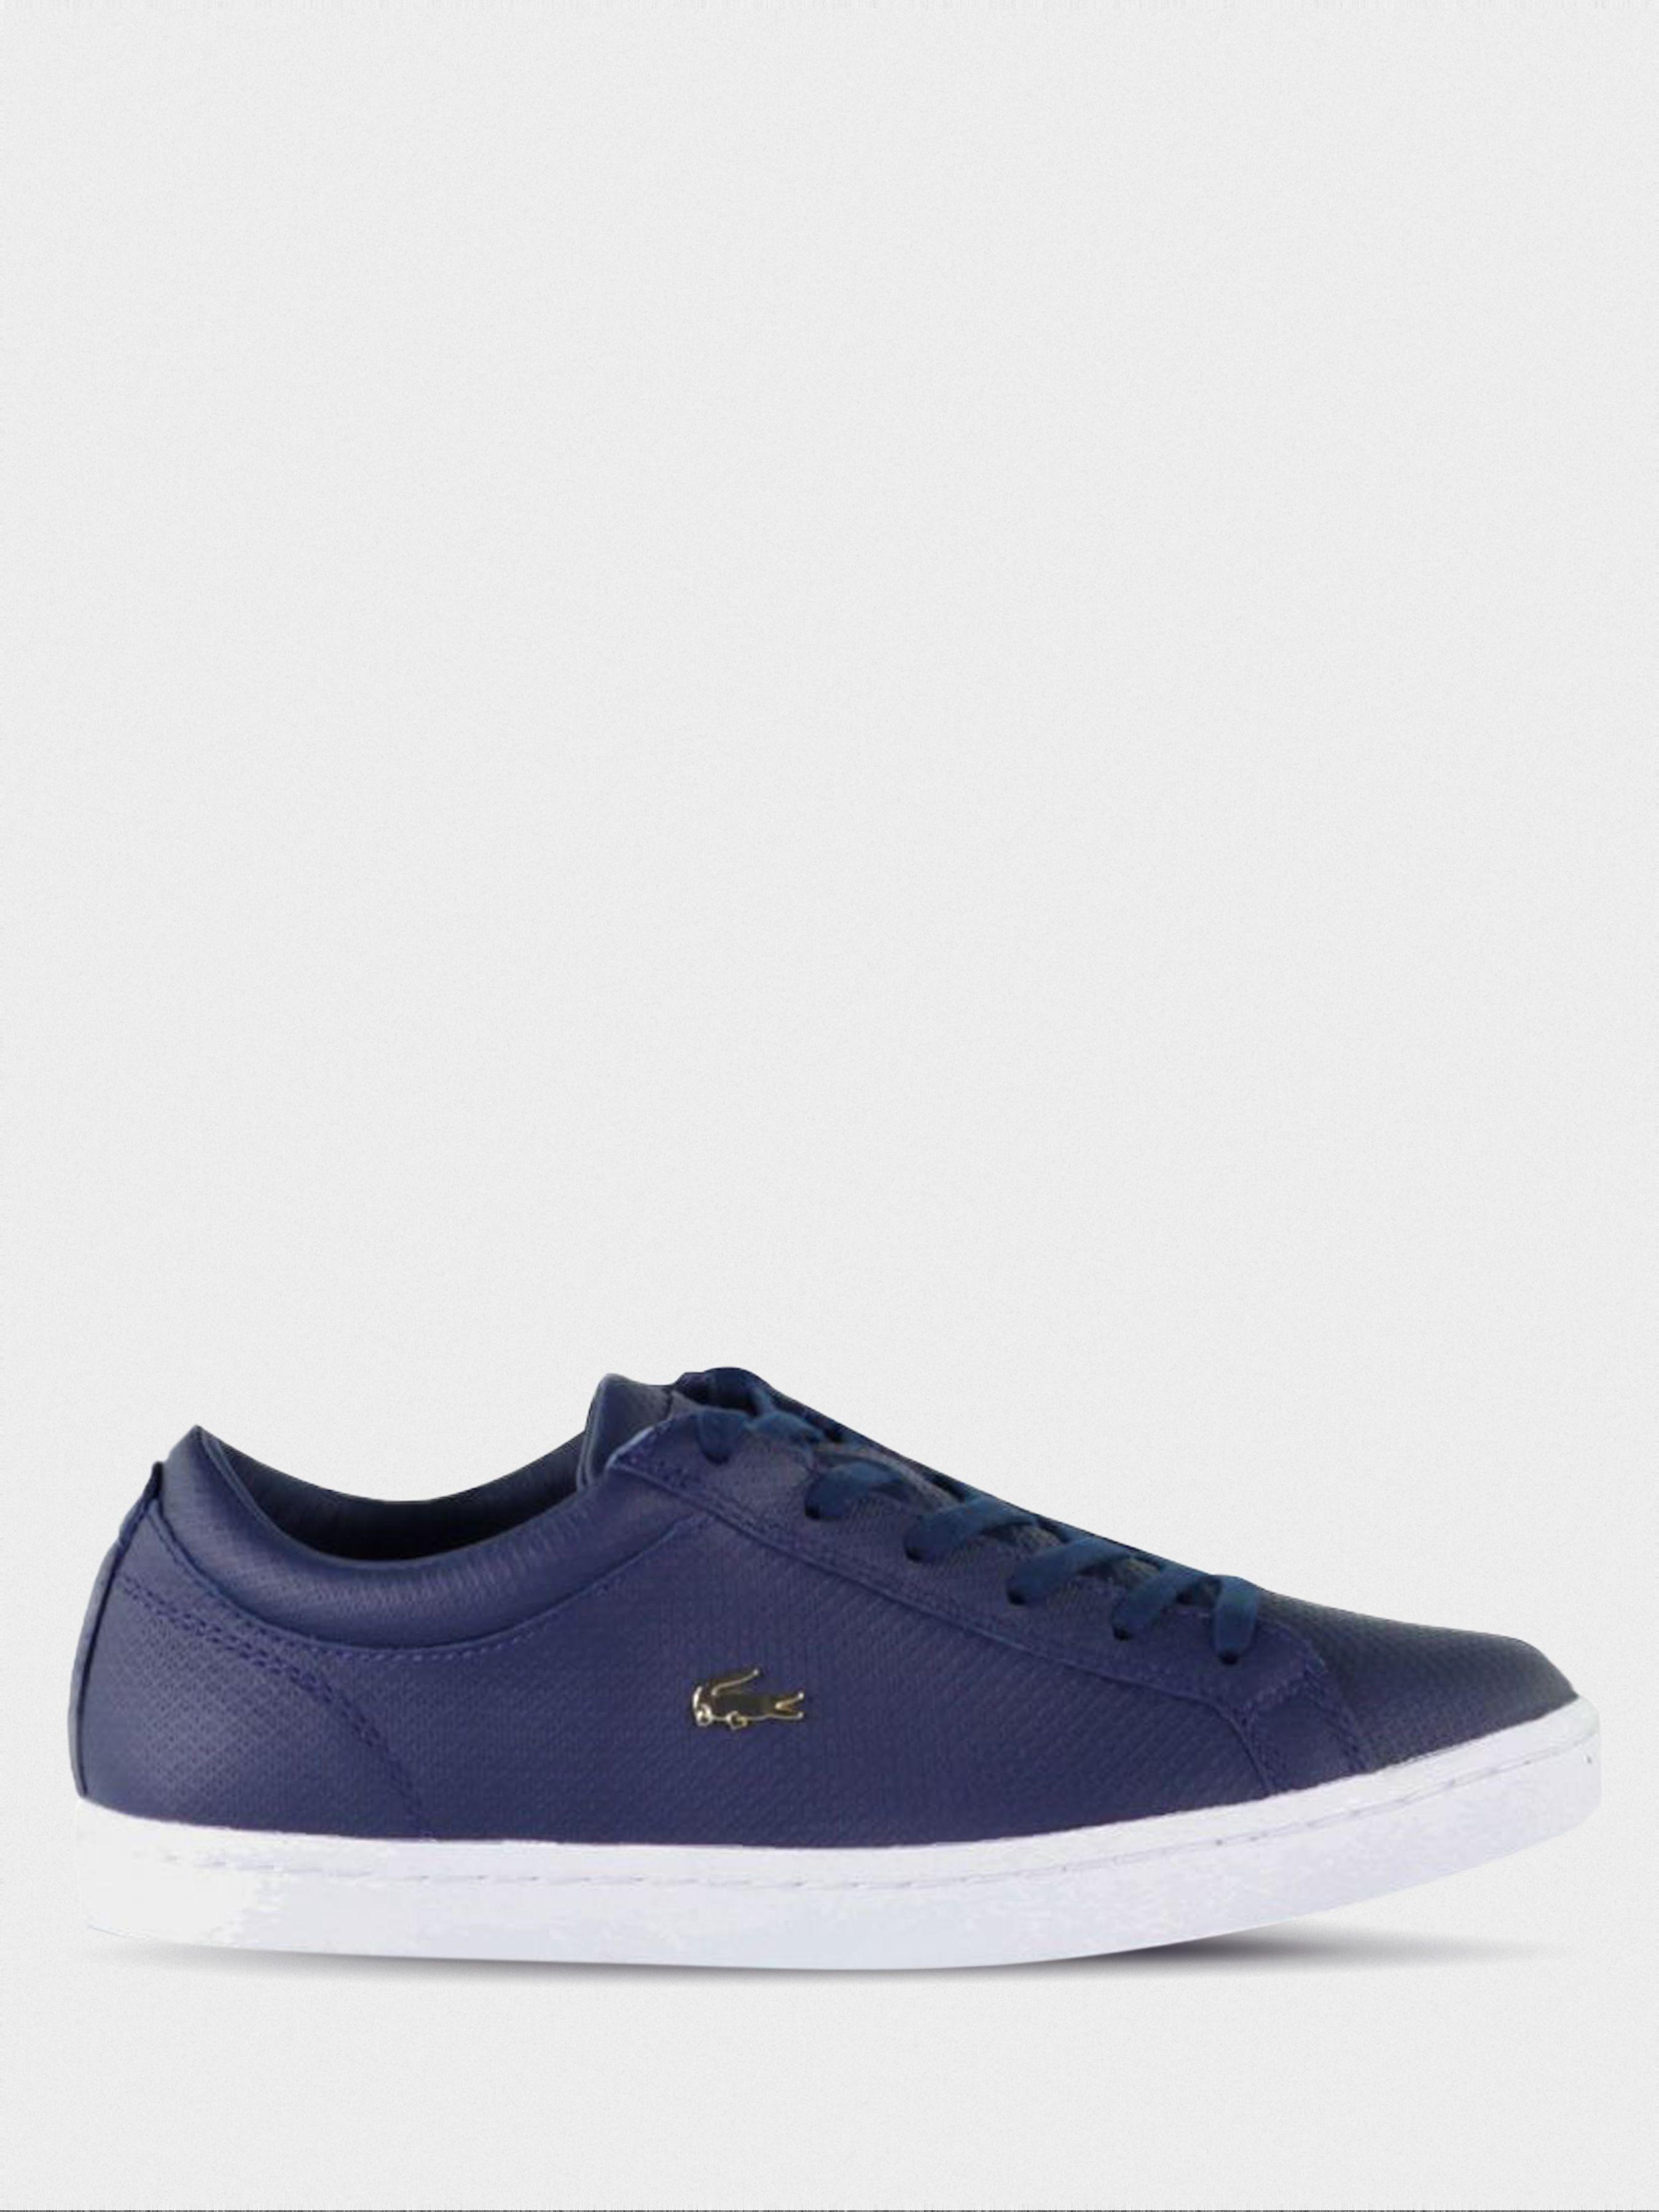 Каталог бренда Lacoste  купить обувь в Киеве, Украине   интернет ... 23d46270bee